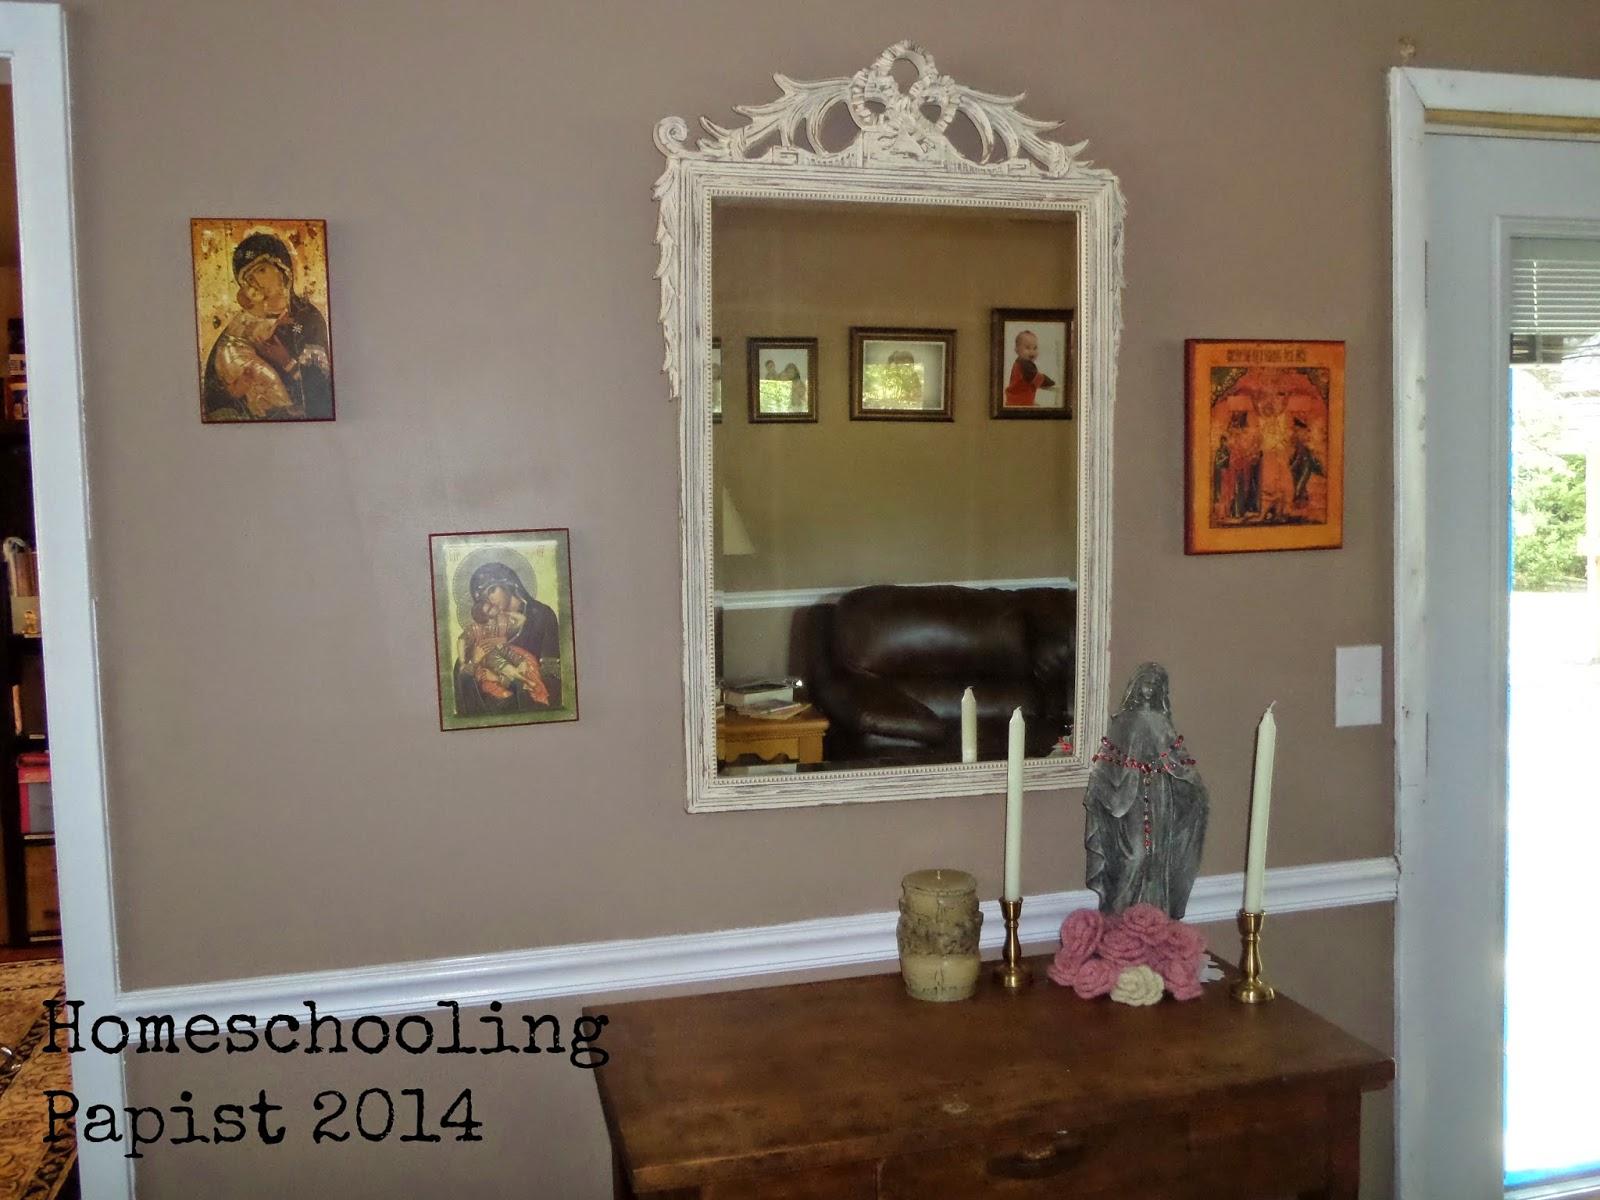 Homeschooling Papist Our Homeschool Room